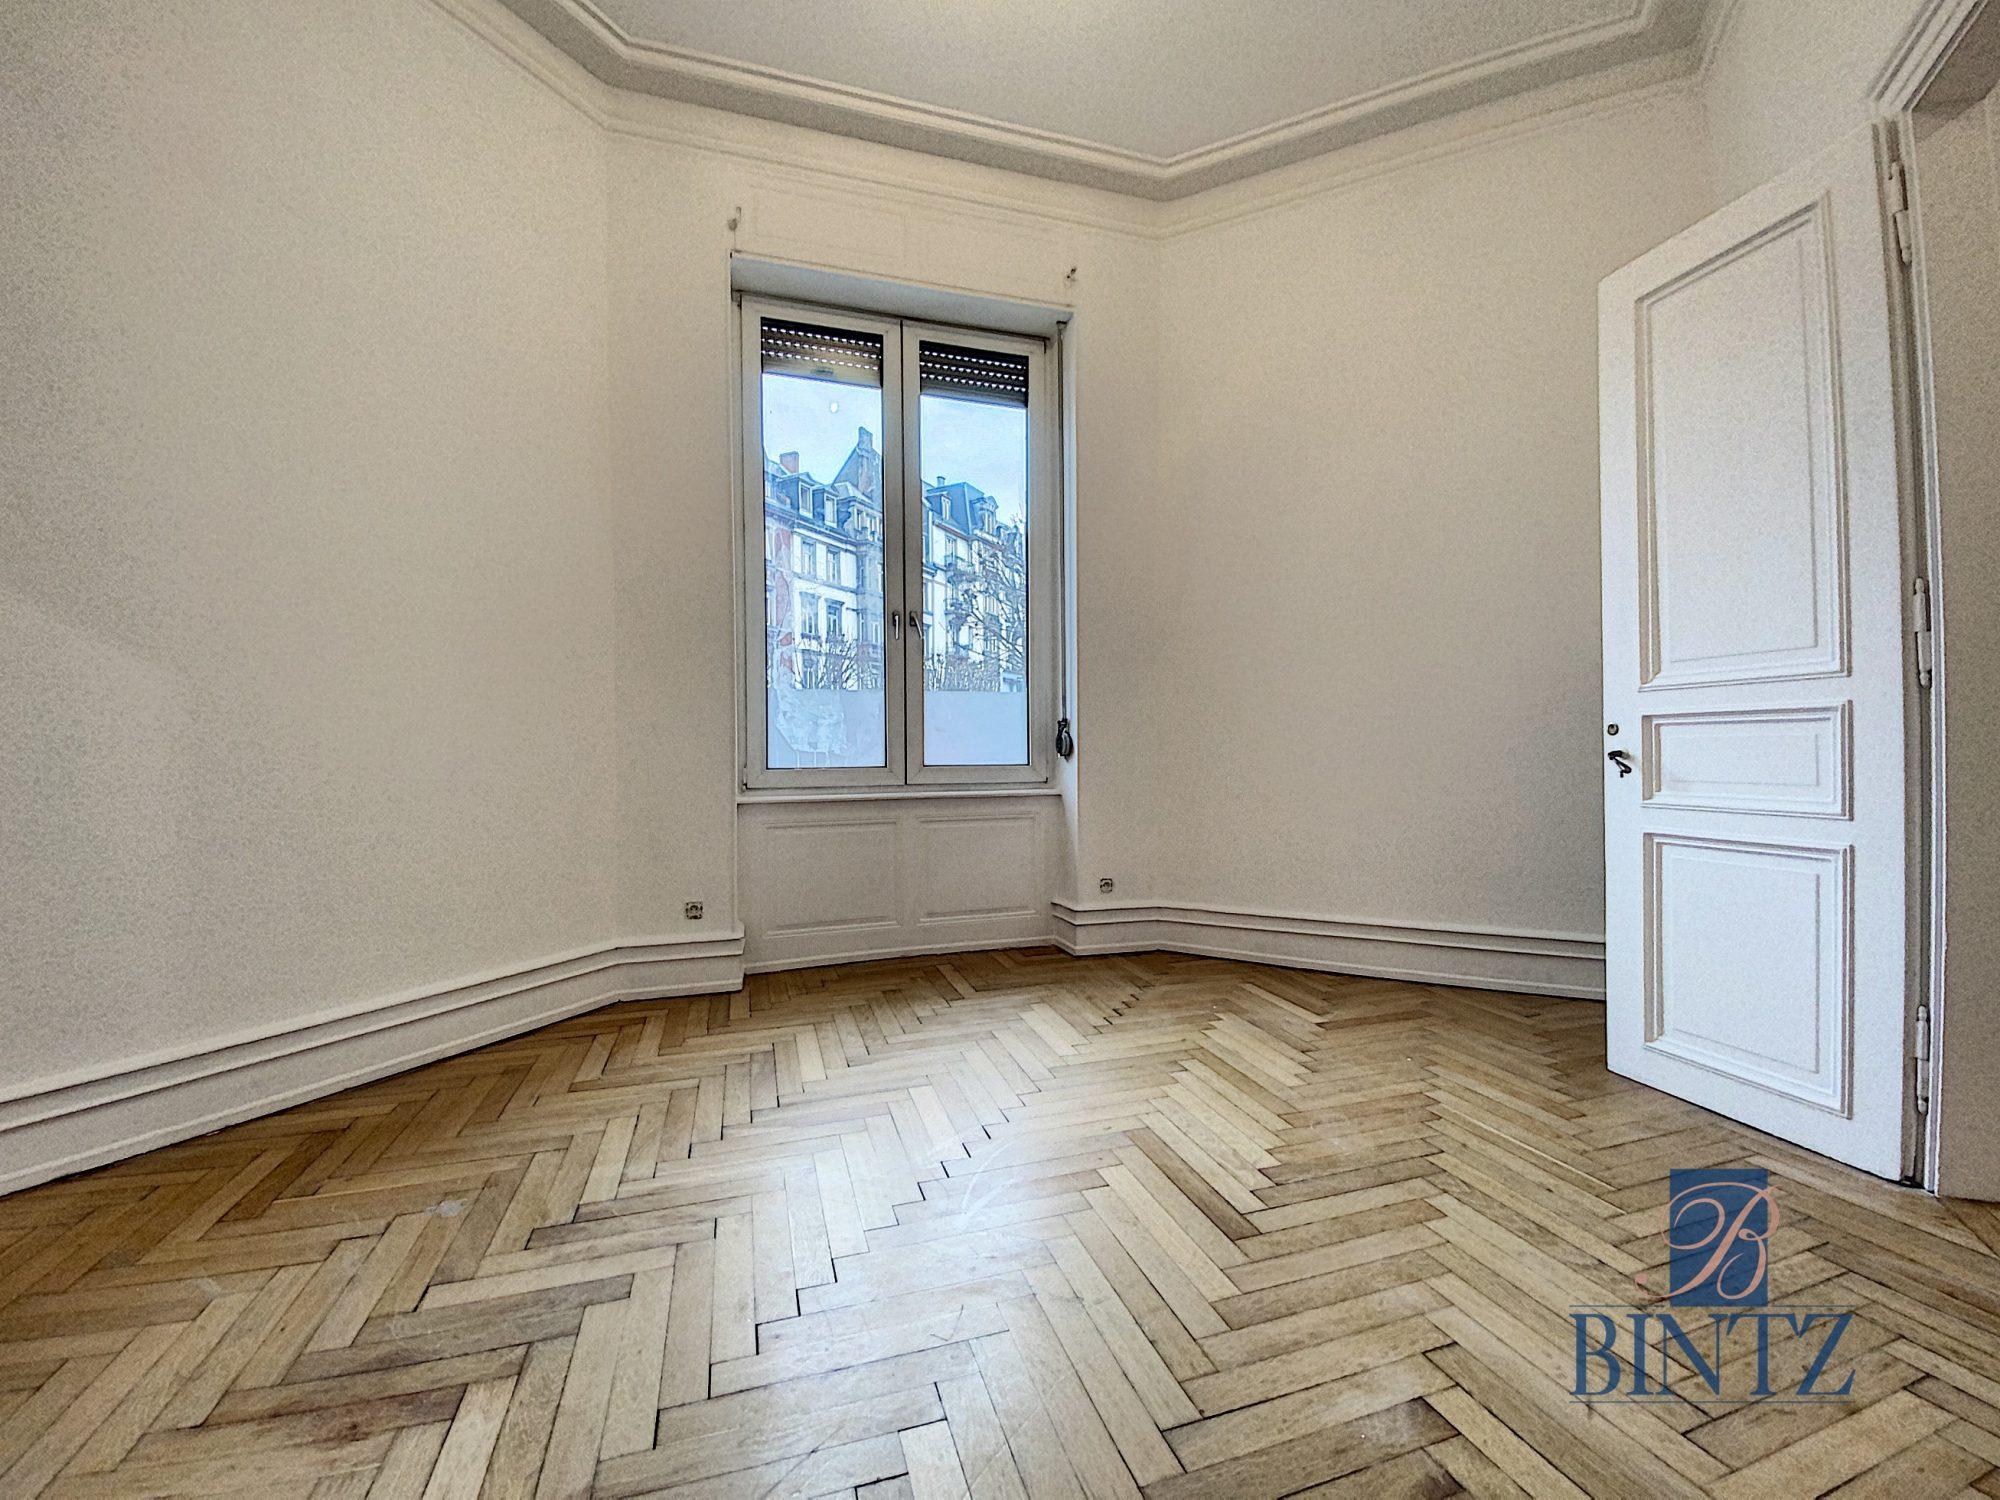 5 pièces rue Wimpheling - Devenez locataire en toute sérénité - Bintz Immobilier - 13